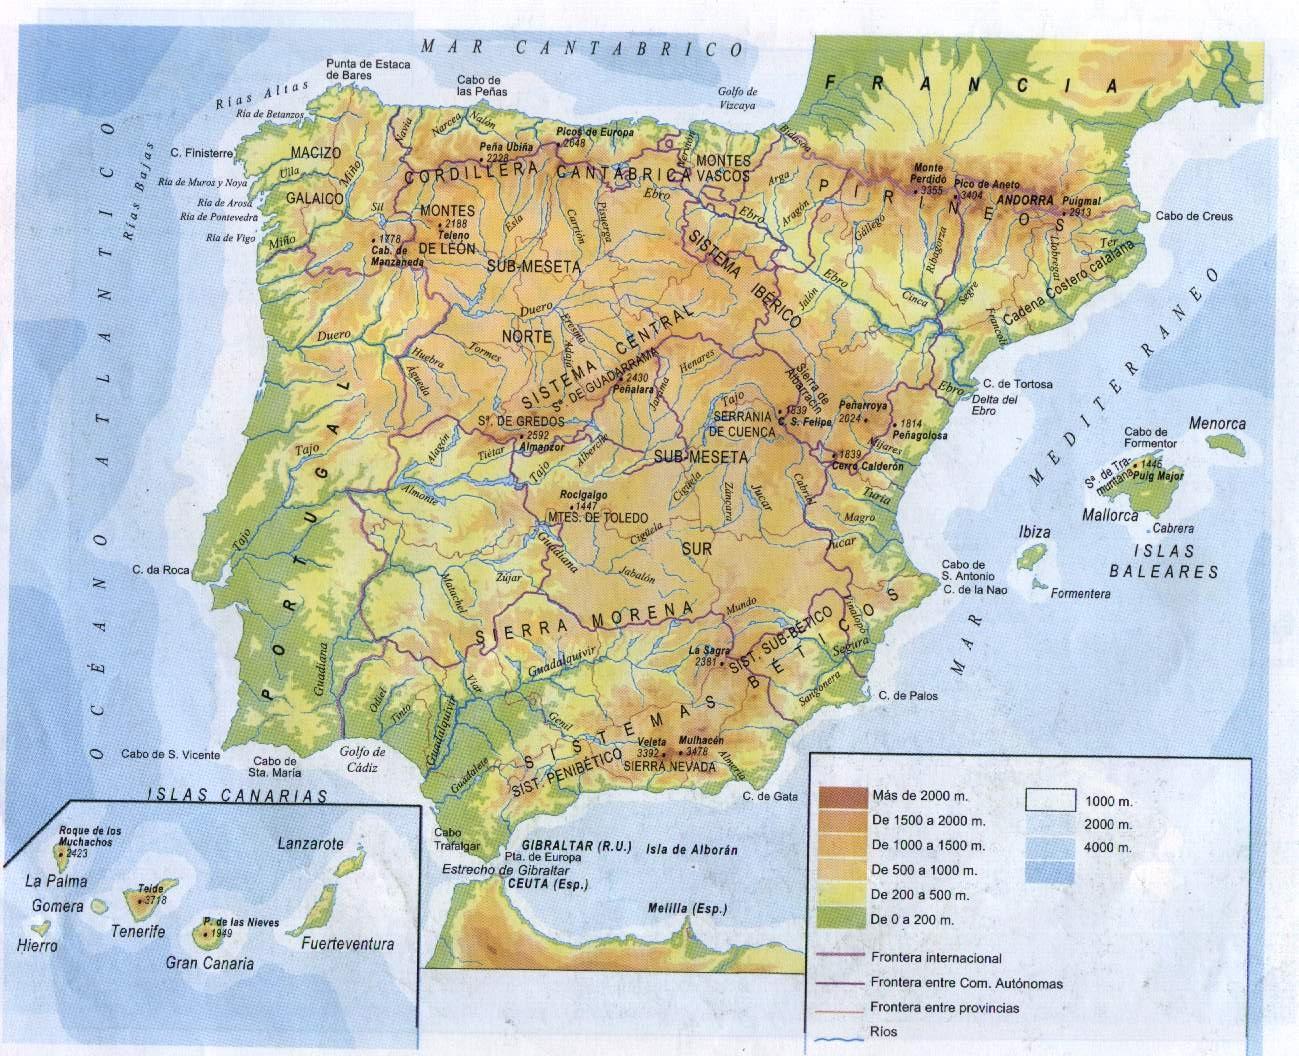 mapa de españa Mapa-fisico-espa%C3%B1a